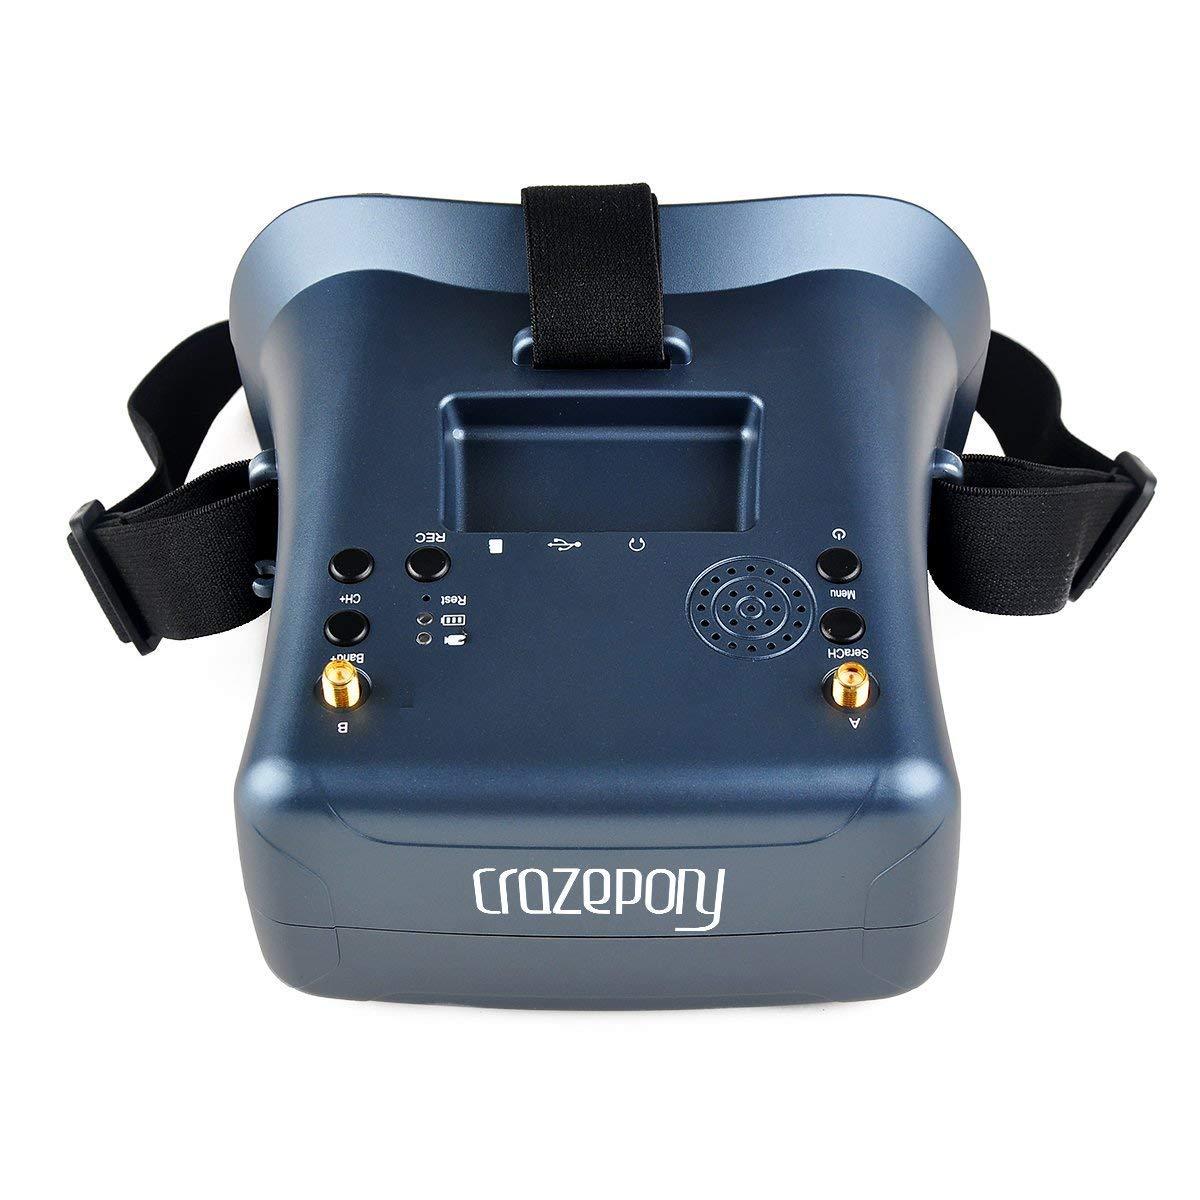 FPV Brille VR008 Pro 2 FPV Headset Brille mit DVR 4,3 Zoll 5,8G 40CH Diversity Batterie Doppelantenne Empfang und Tragetasche f/ür RC Quadcopter